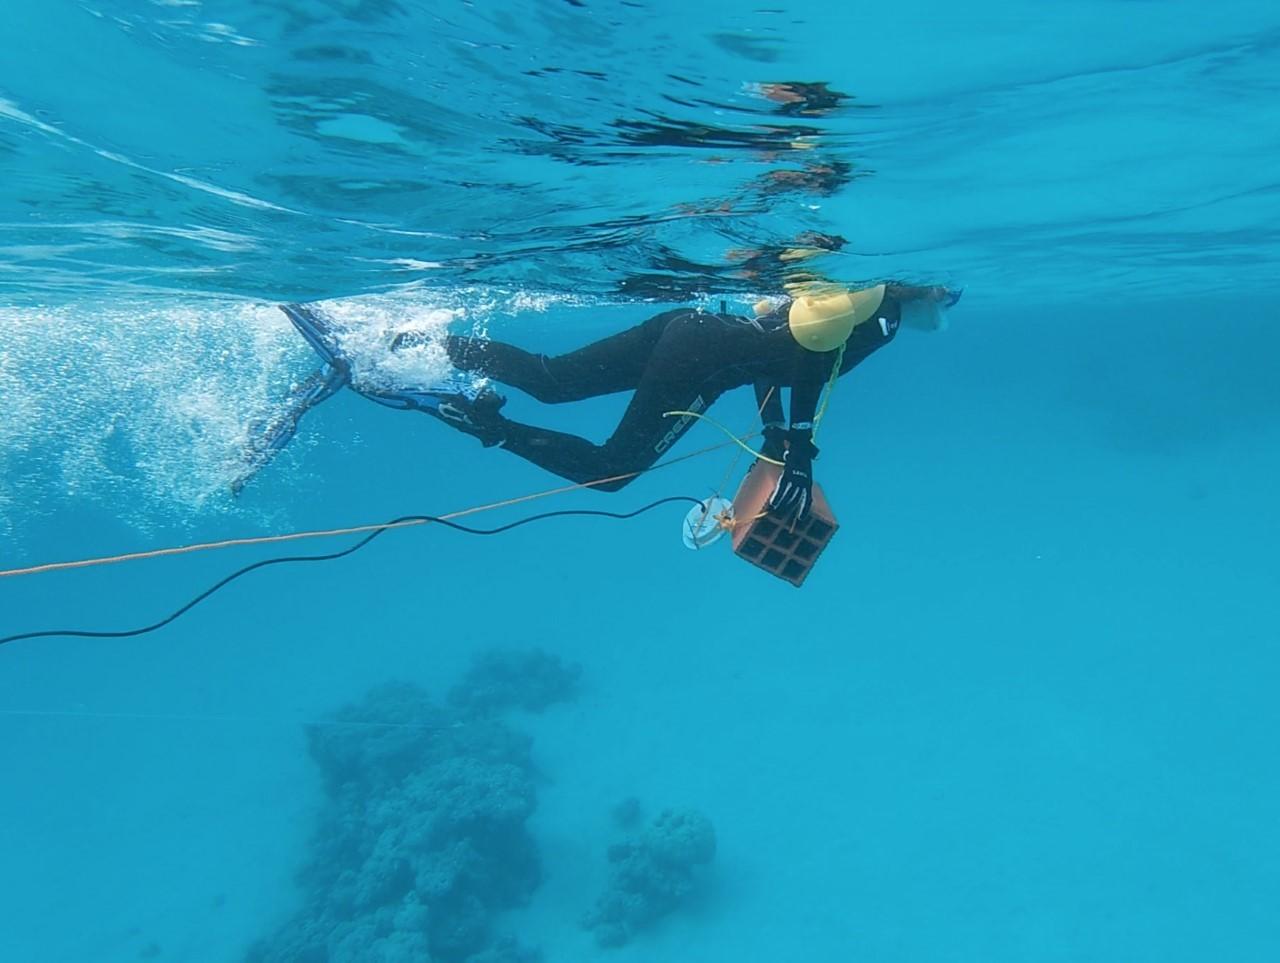 Michelle Havlik bucea en el Mar Rojo durante una expedición para grabar sonidos